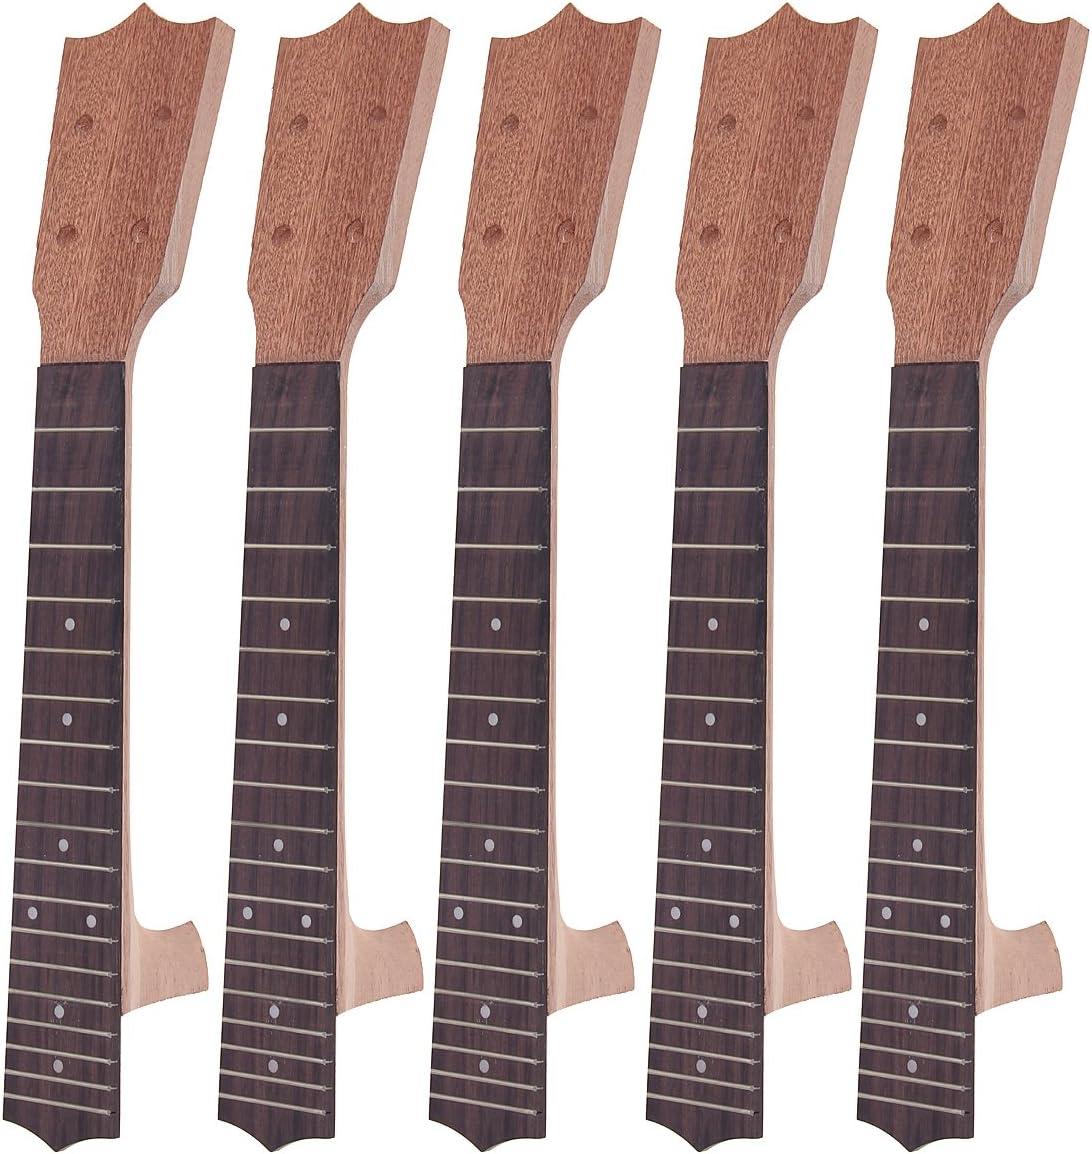 Ukulele DIY SALENEW 5 popular very popular Unfinished 23 inch Neck Fingerboard Concert